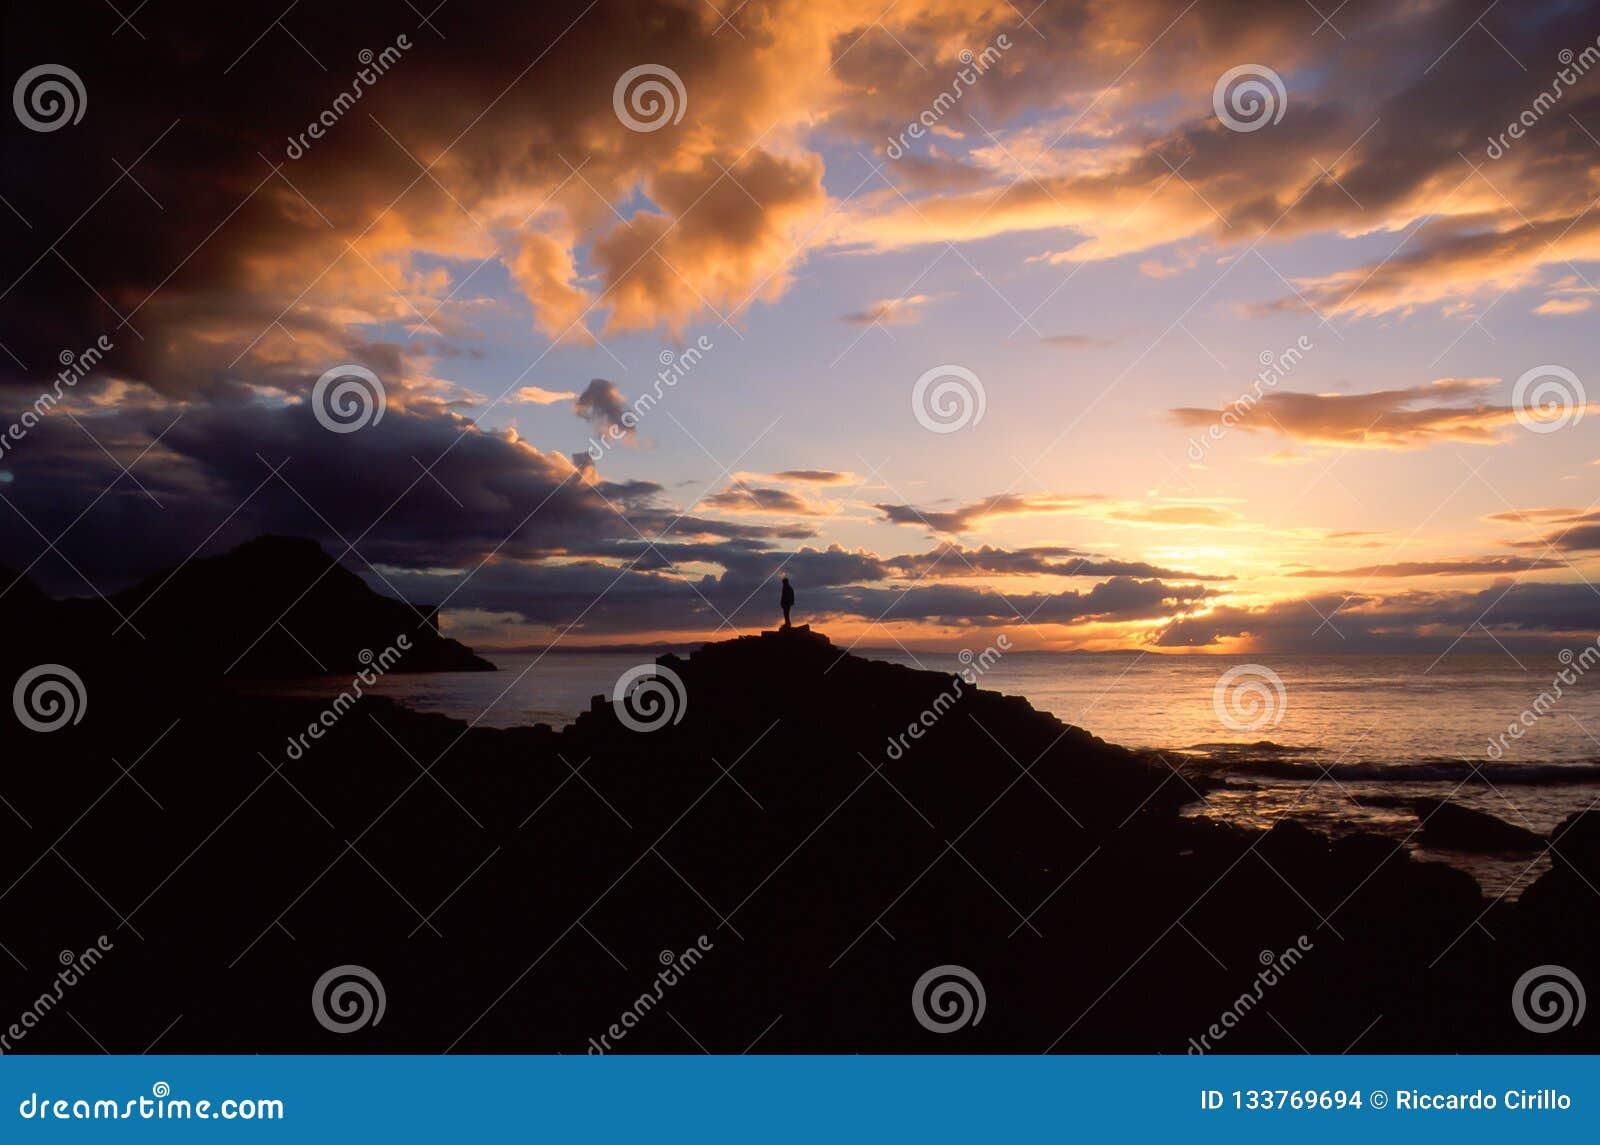 Het silhouet van een mens in het natuurlijke landschap van een zonsondergang over